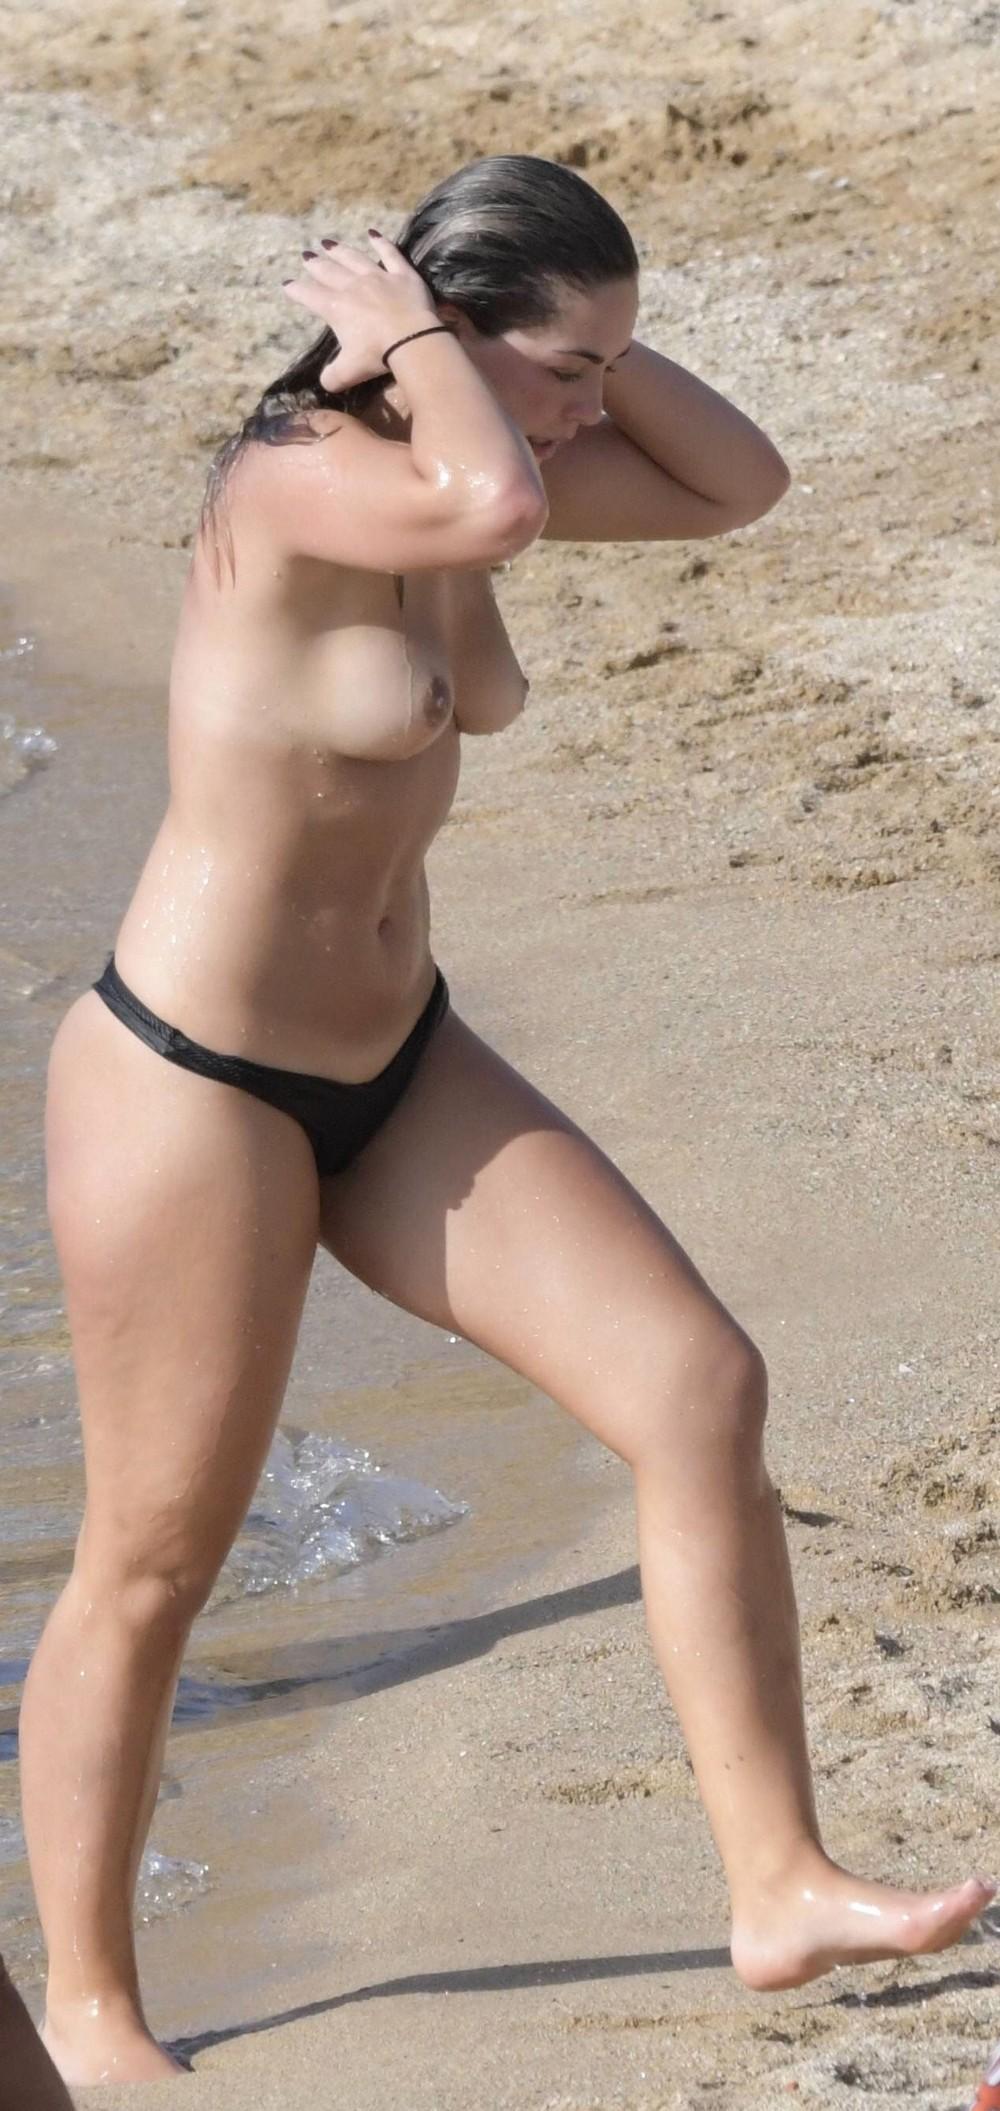 Олимпия Валанс на отдыхе топлес